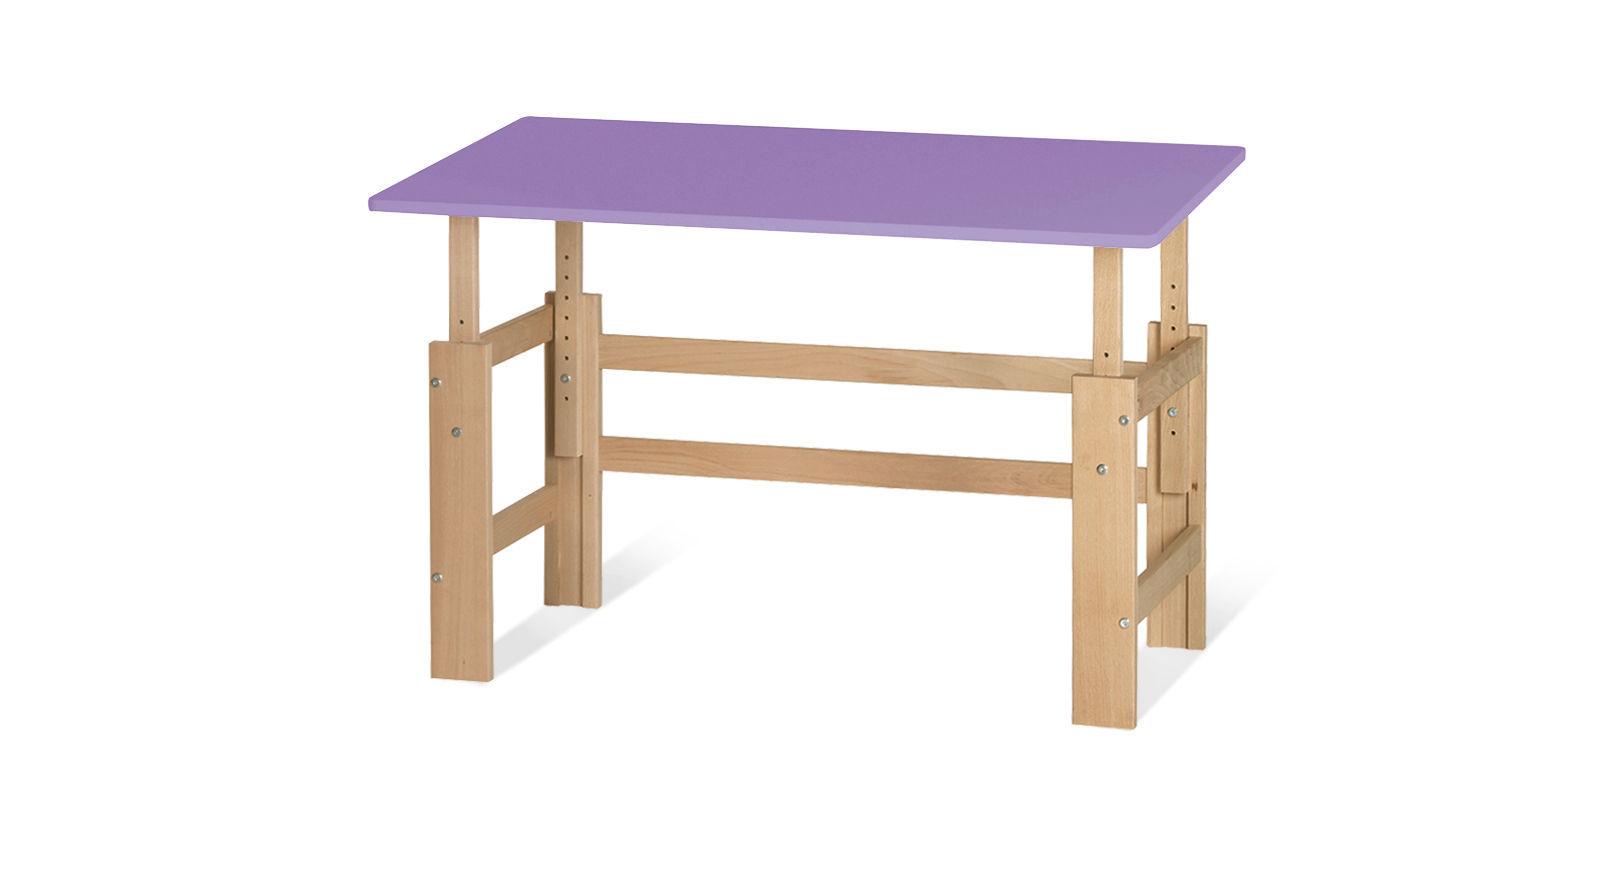 Schreibtisch Kids Town höhenverstellbar in Violett